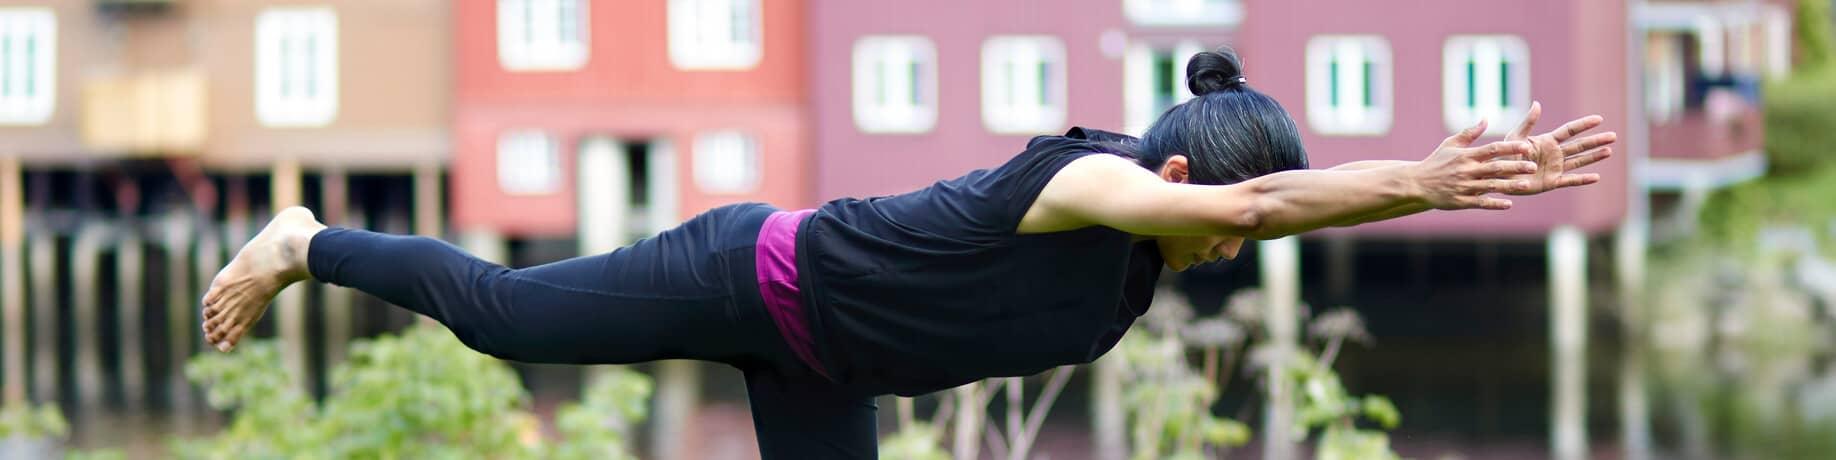 Miiss July教瑜珈 : 陪你輕鬆淨化身心